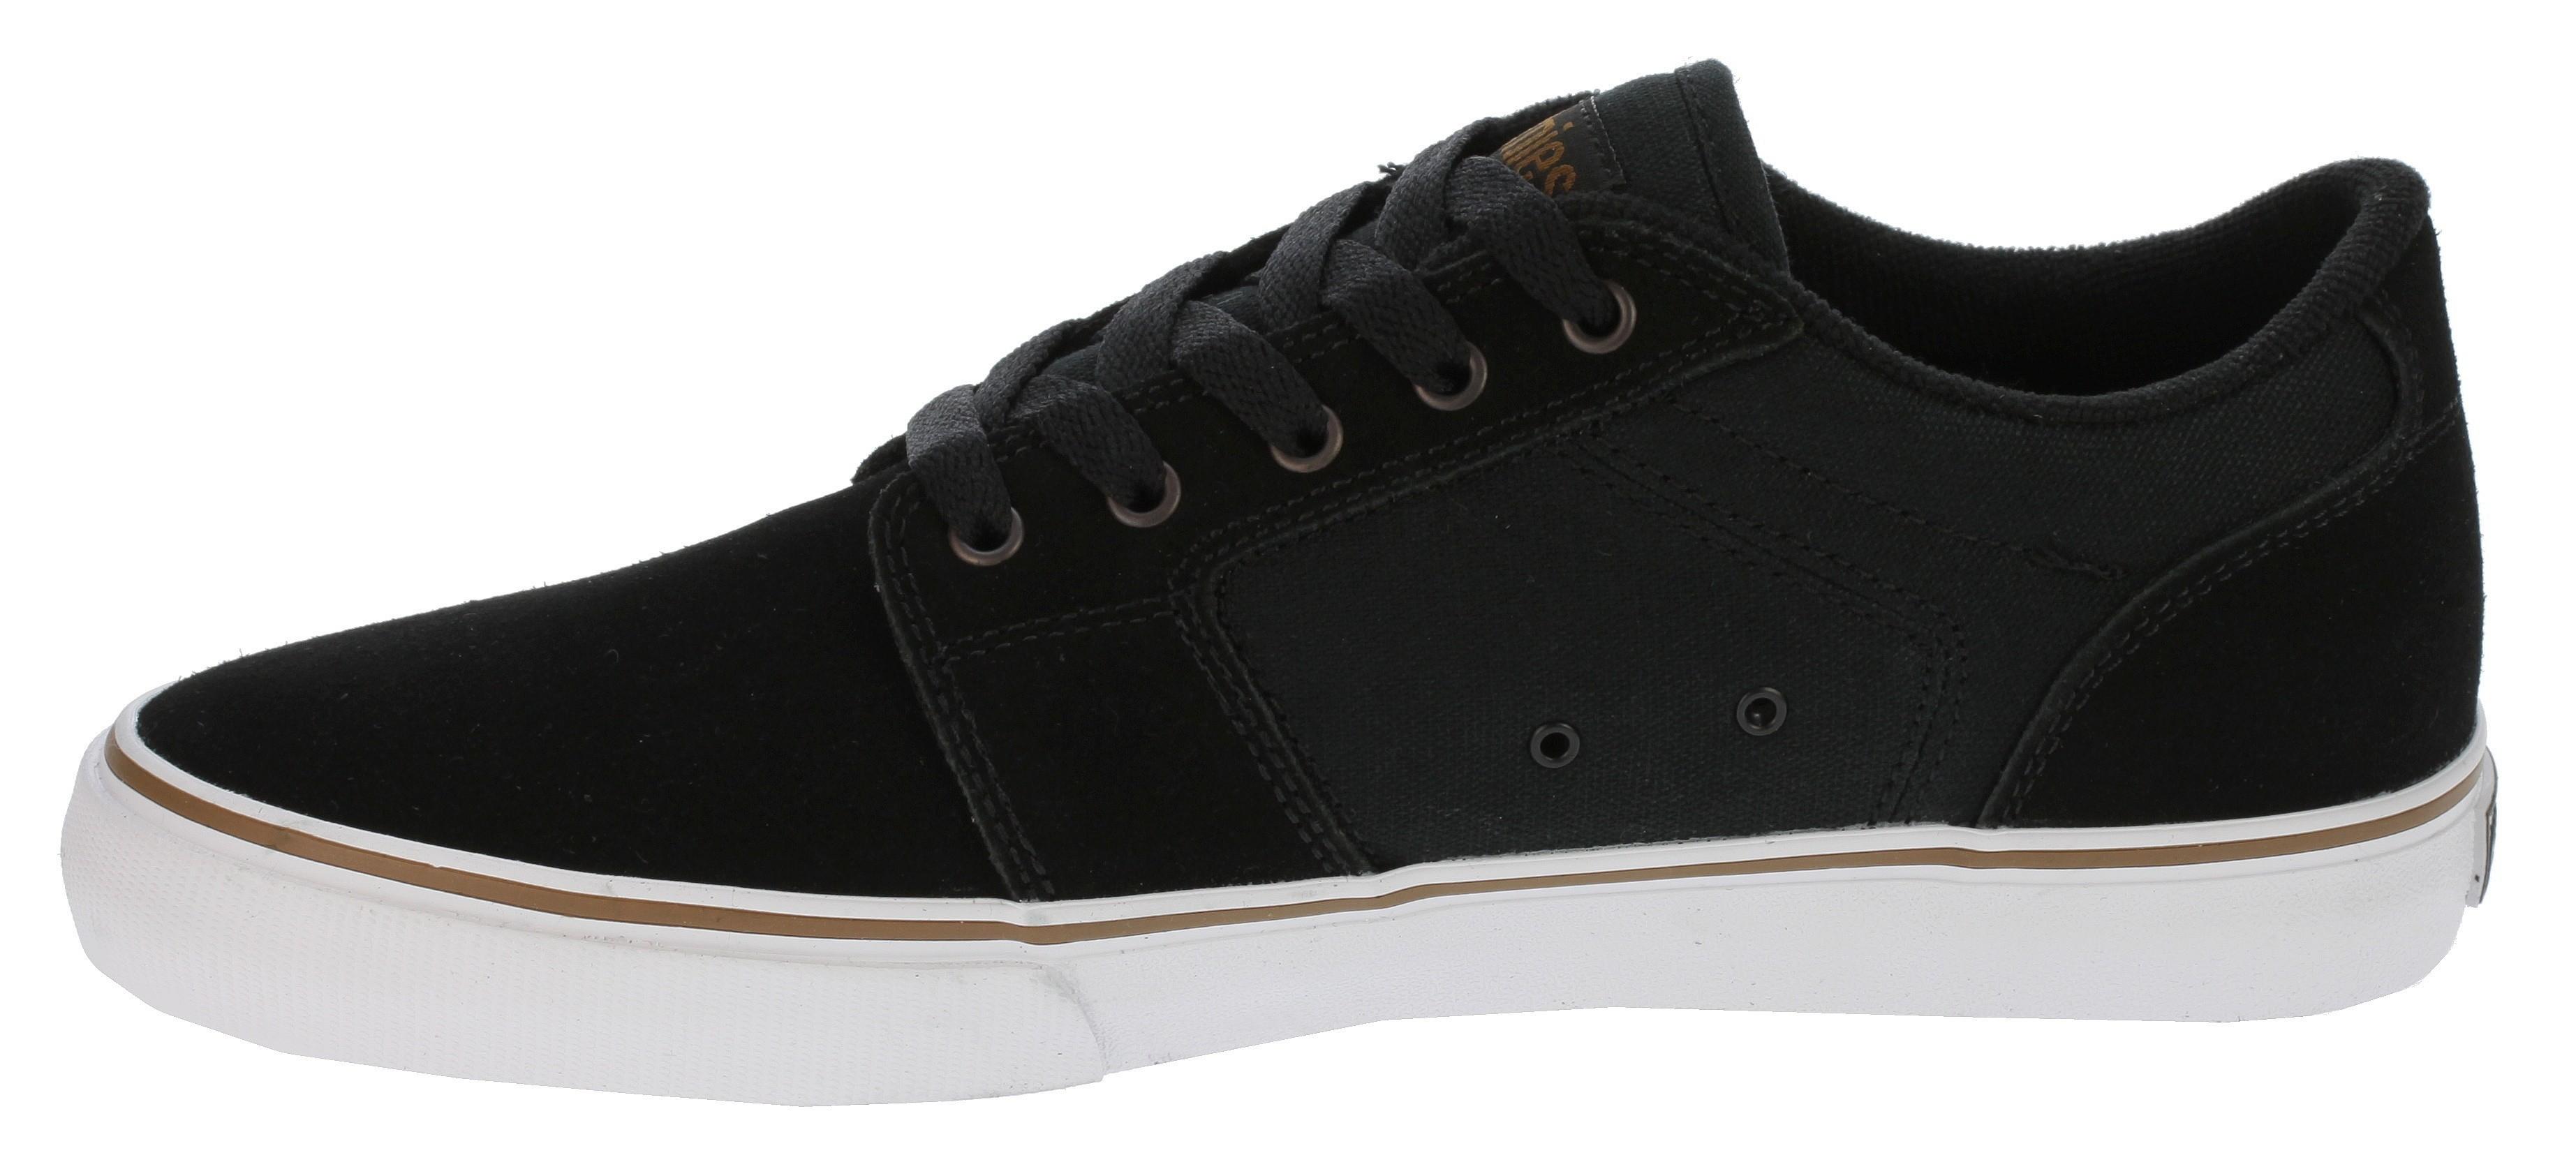 shoes Etnies Barge LS - Black/Bronze